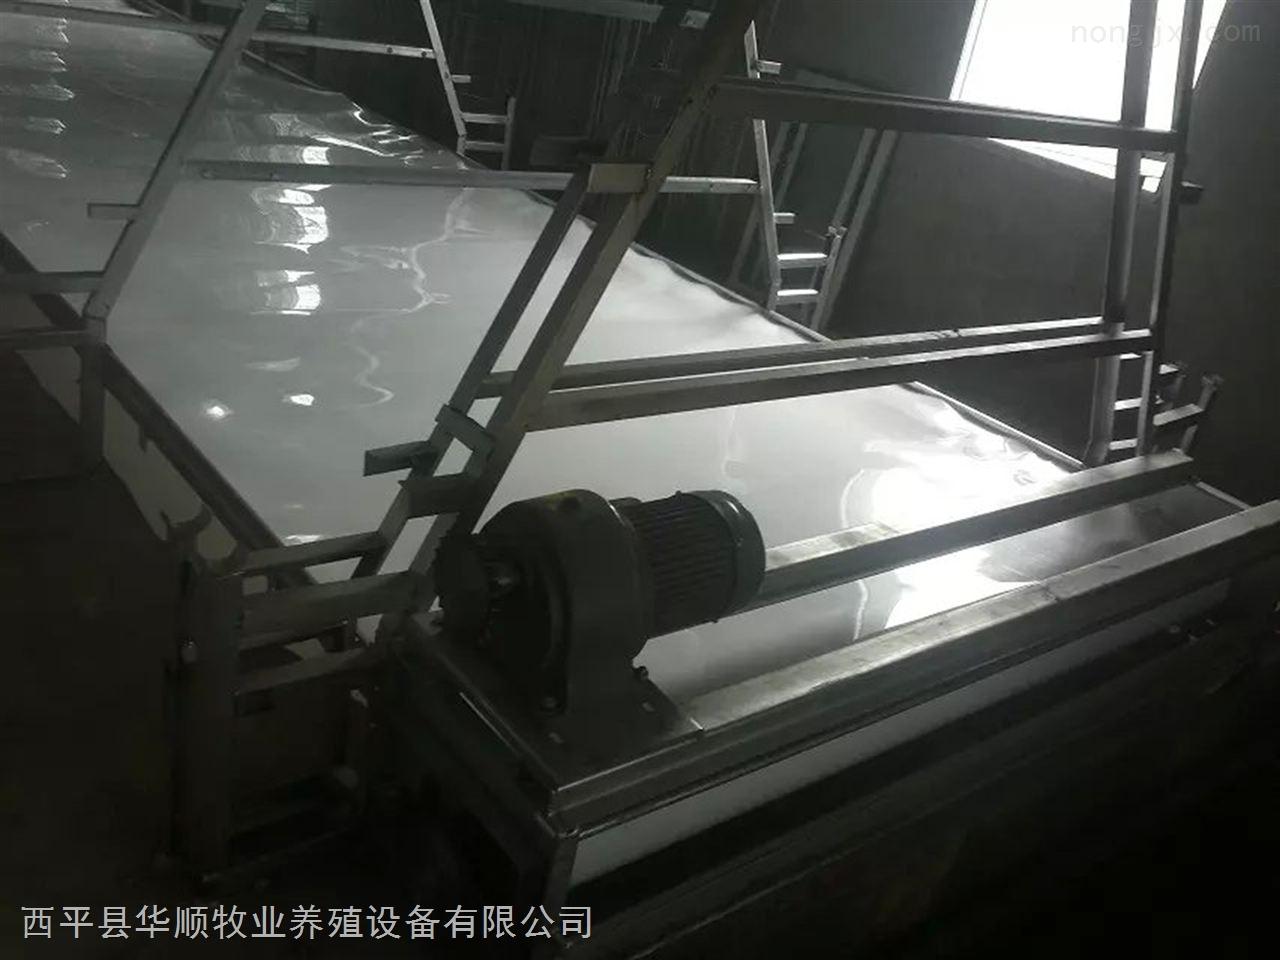 HS 8905-传送带清粪机 皮带式清粪机 笼养肉鸡清粪设备 自动清粪机